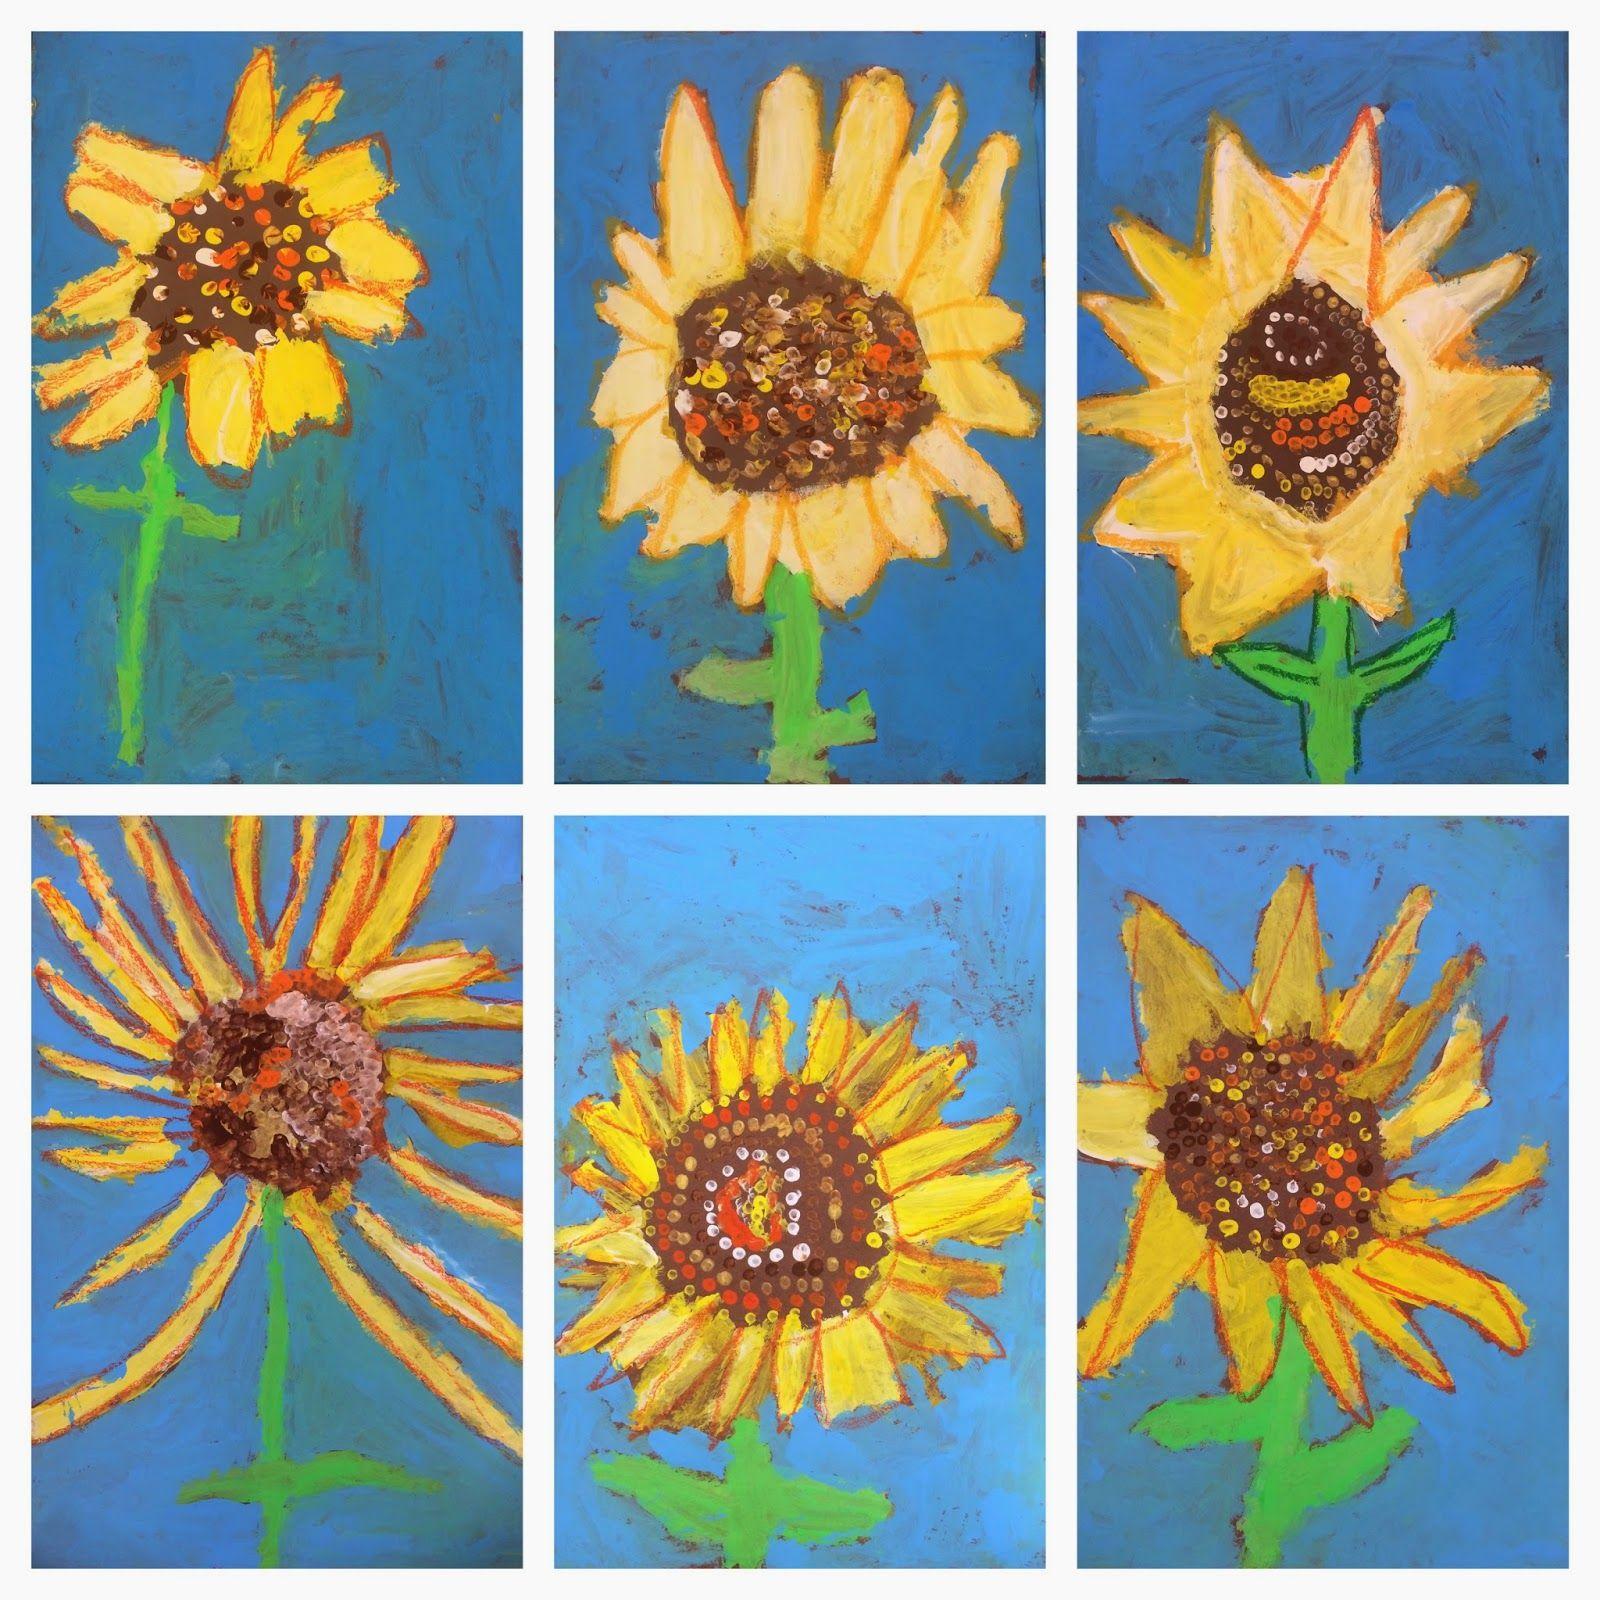 Exploring Art Elementary Art 1st Grade Sunflowers